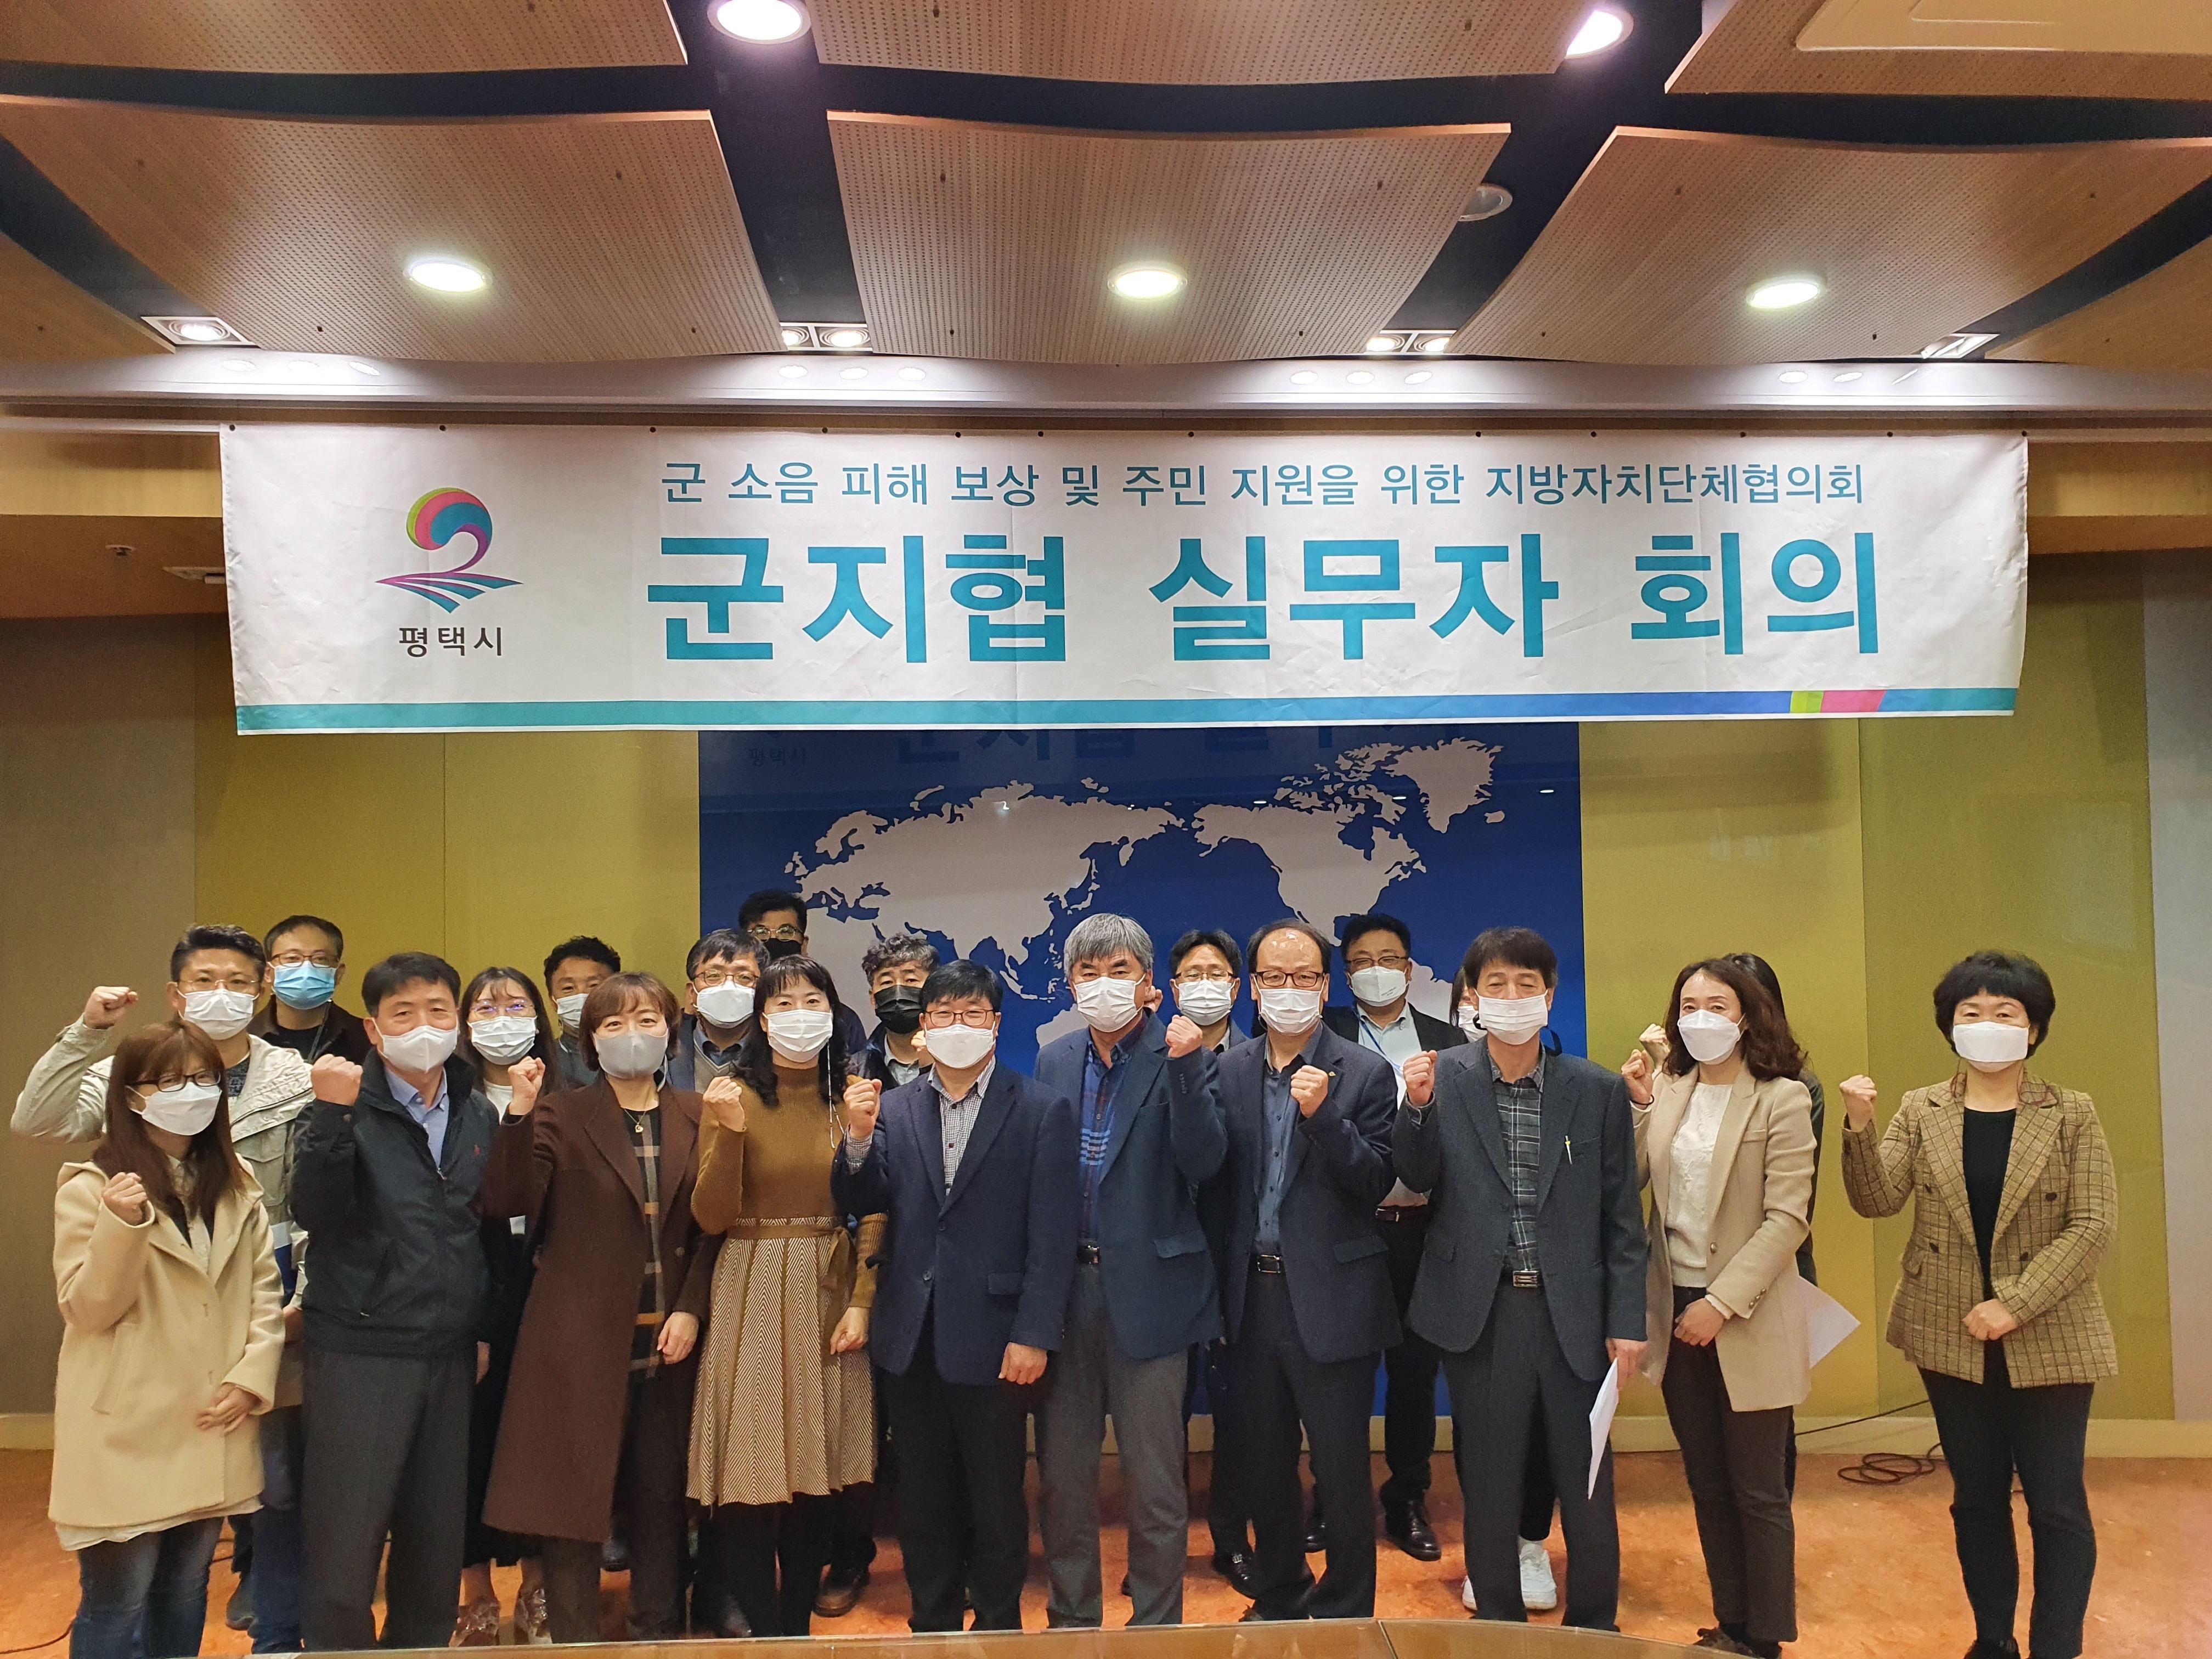 군지협 실무자회의.jpg